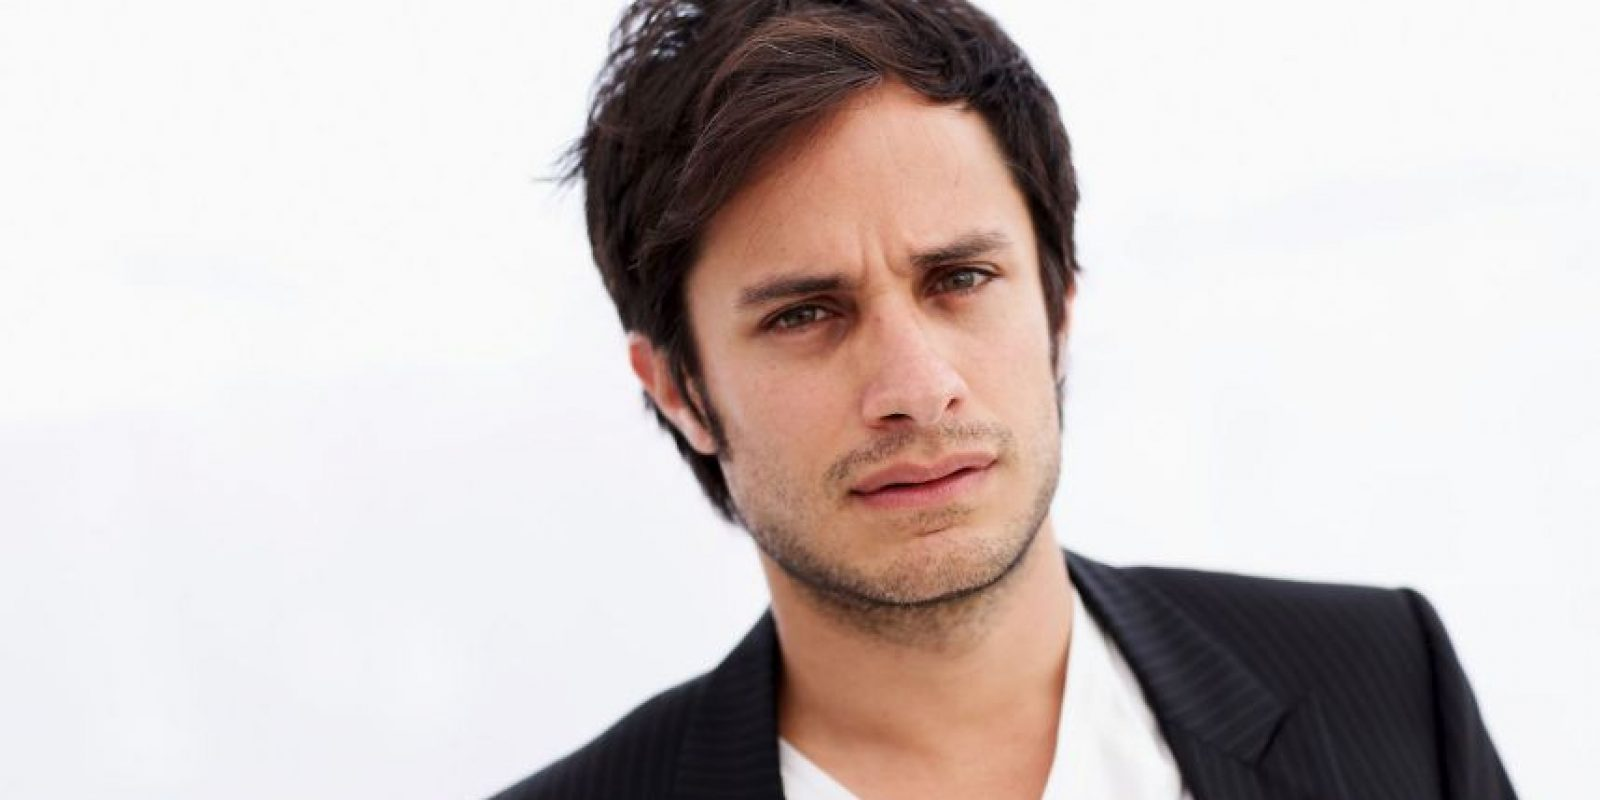 El director de la cinta es Pablo Larraín. Foto:Getty Images